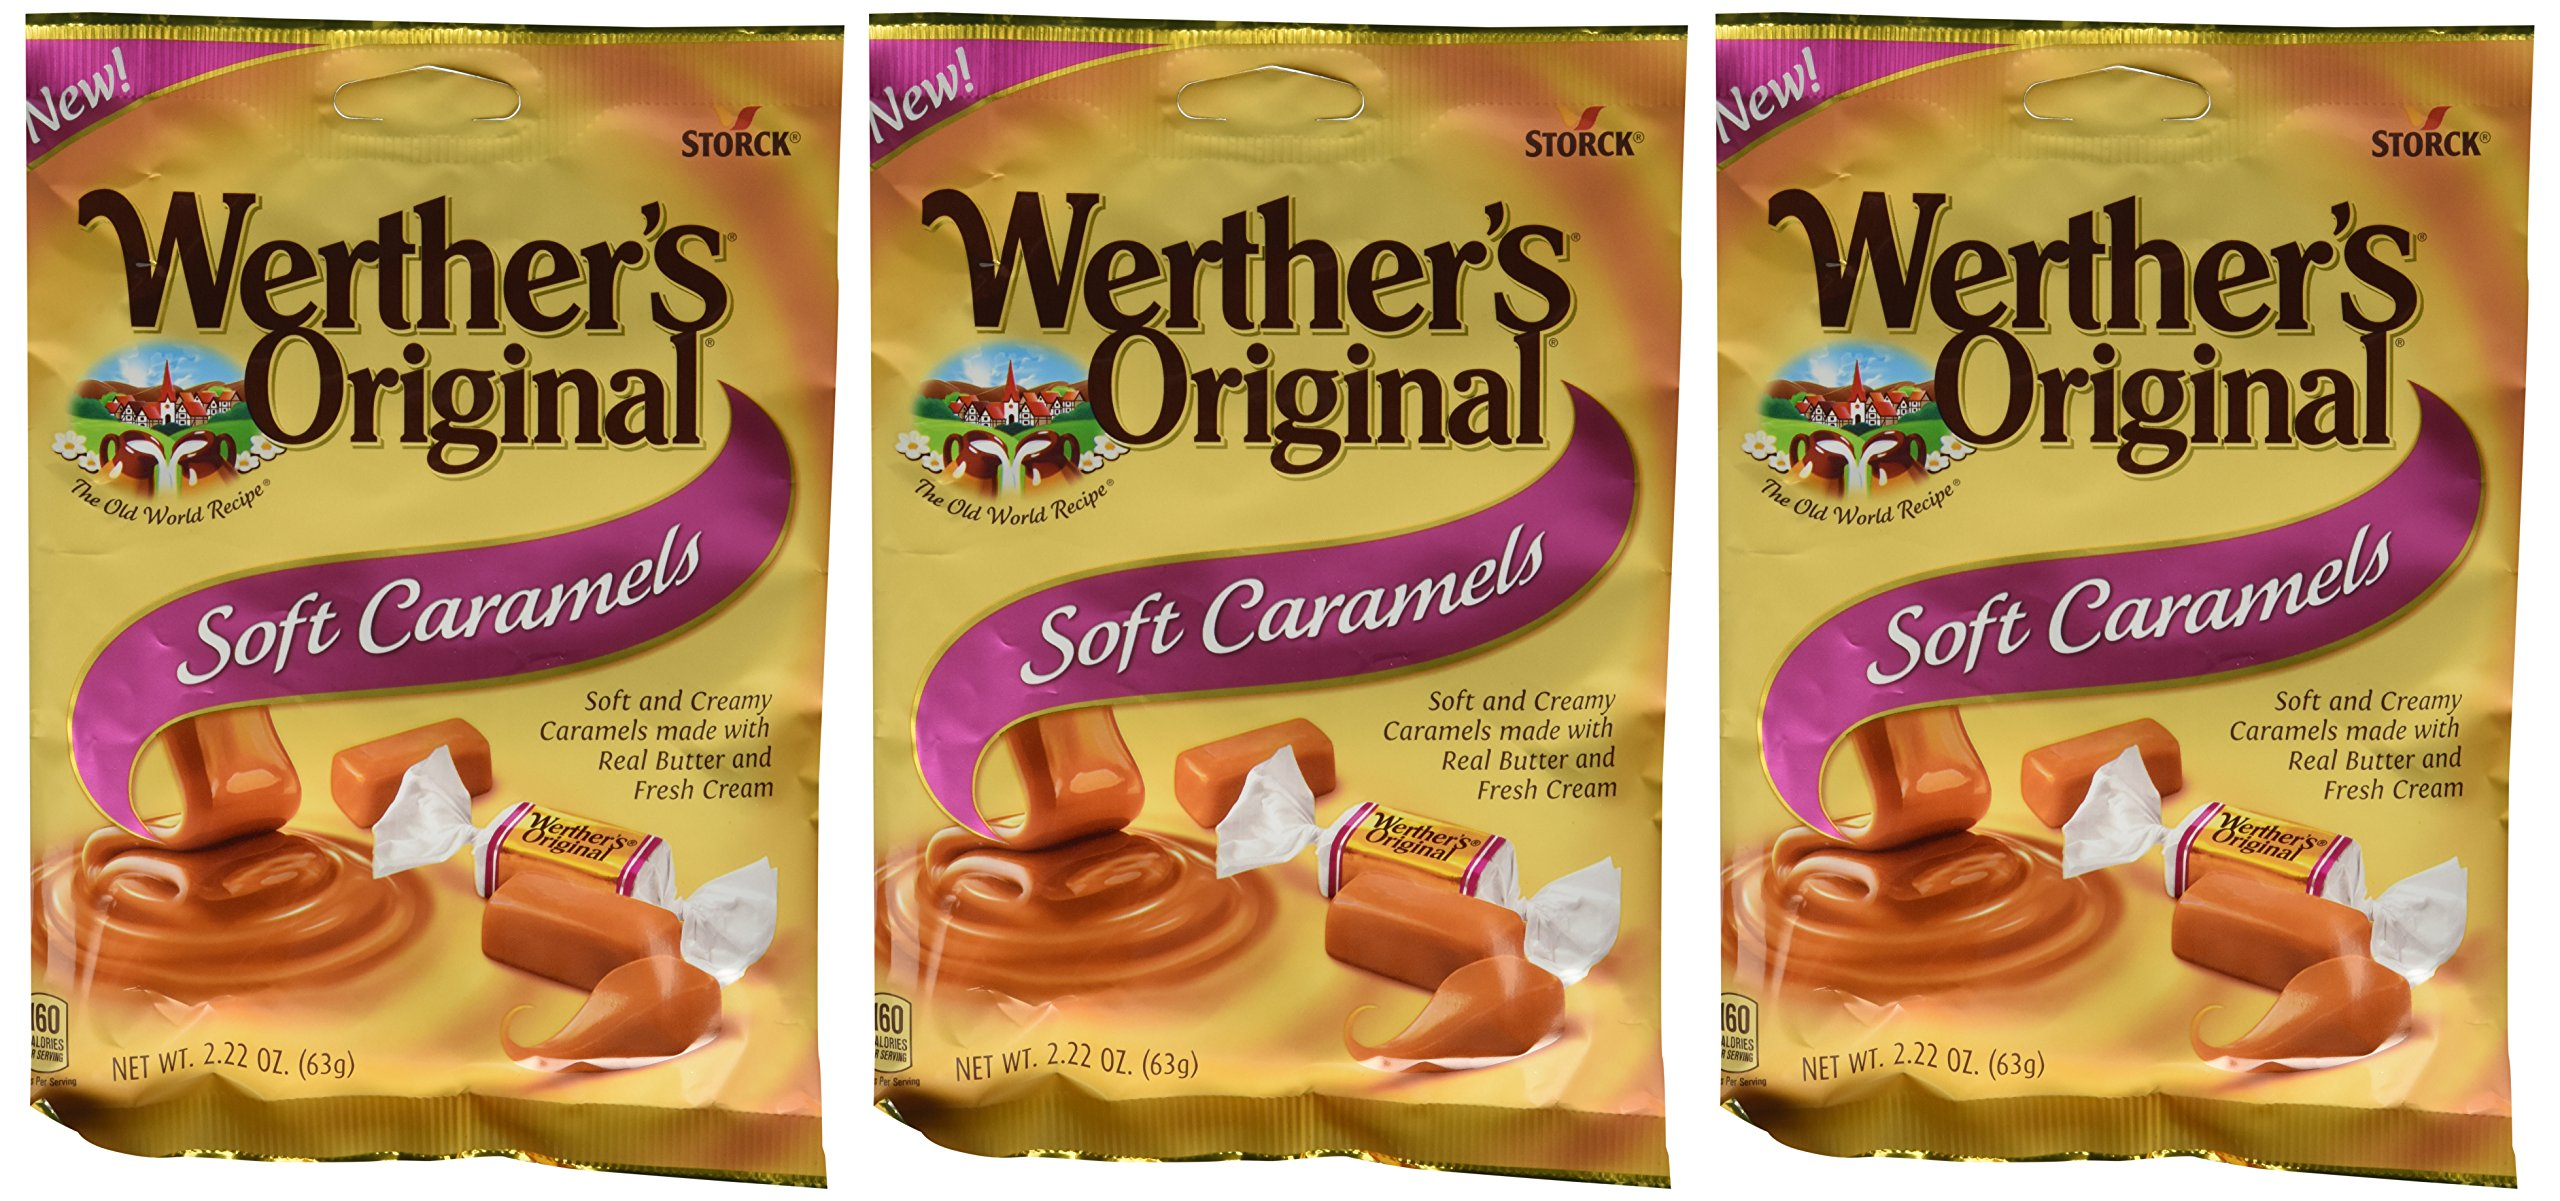 Werther's Original New Soft Caramels 2.22 Oz (63g) (3 Pack)